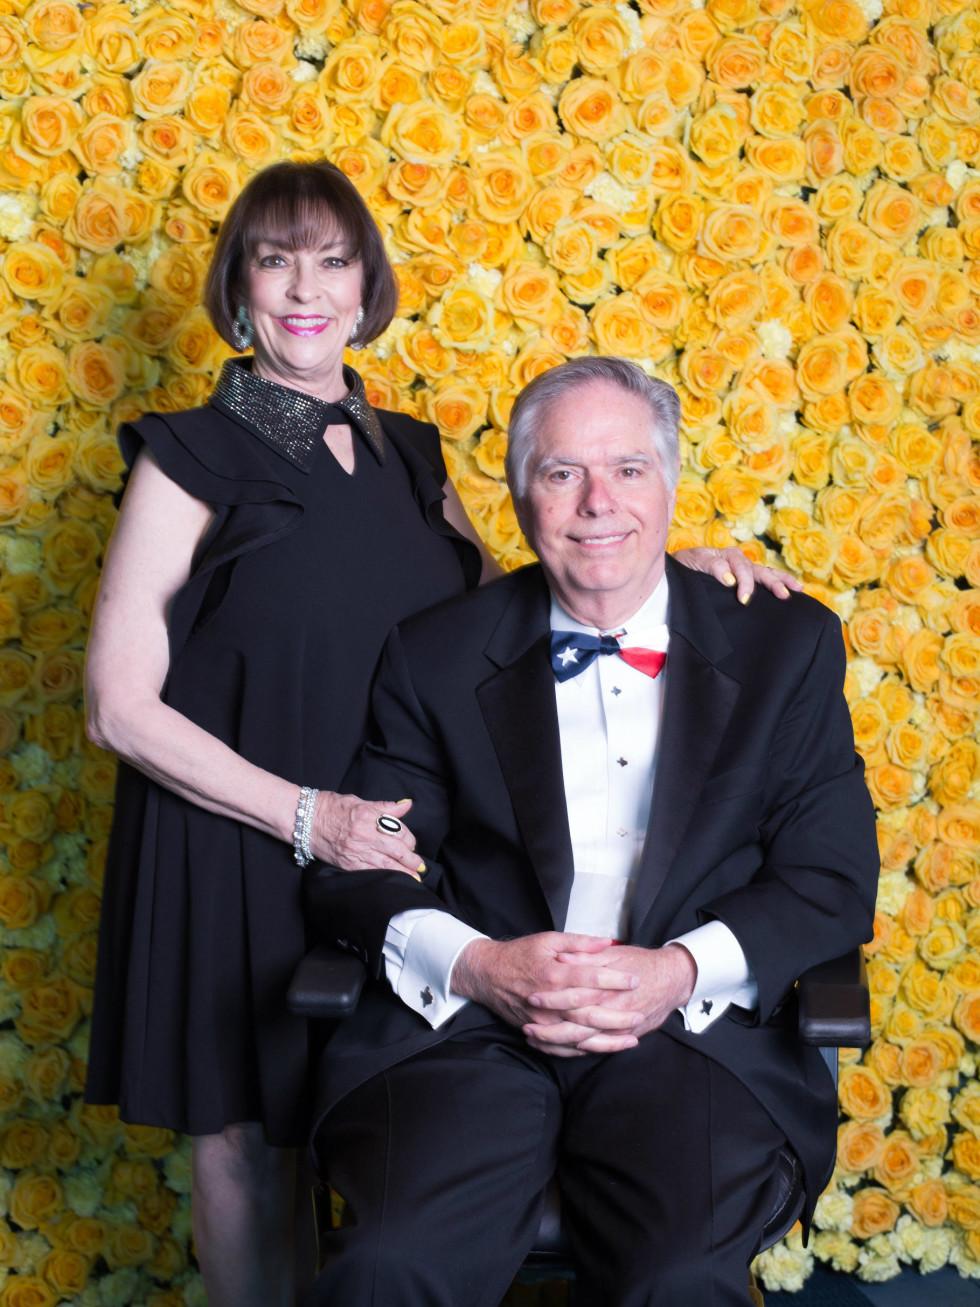 Dee Wynne Courage Award recipient: Walker Bateman IV and wife Jean Bateman